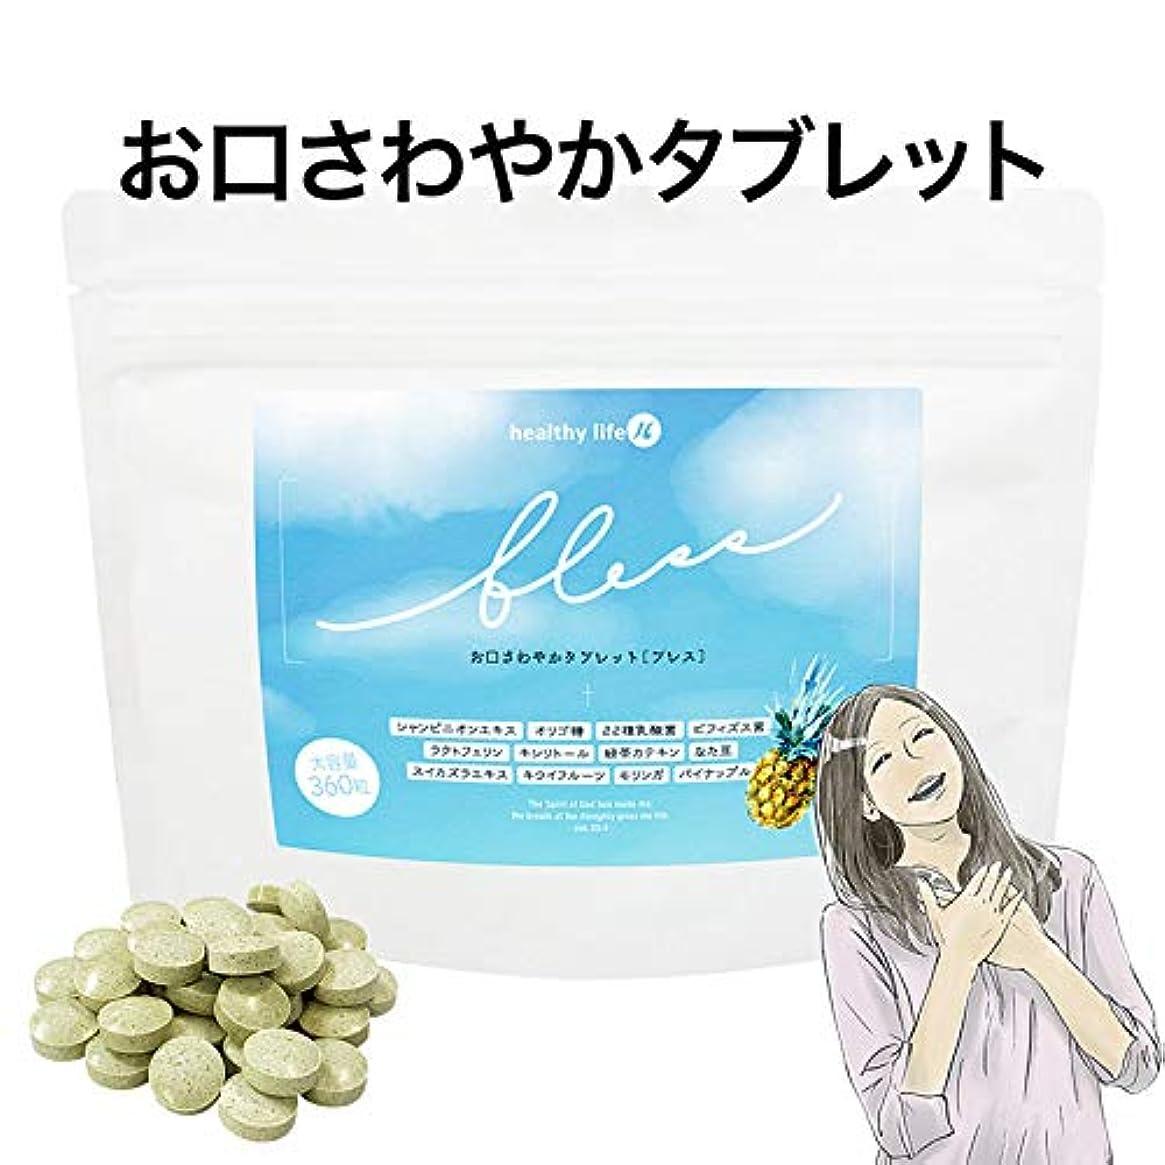 荷物ジャケット豆腐healthylife bless tablet(ブレスタブレット)【大容量約6か月分】